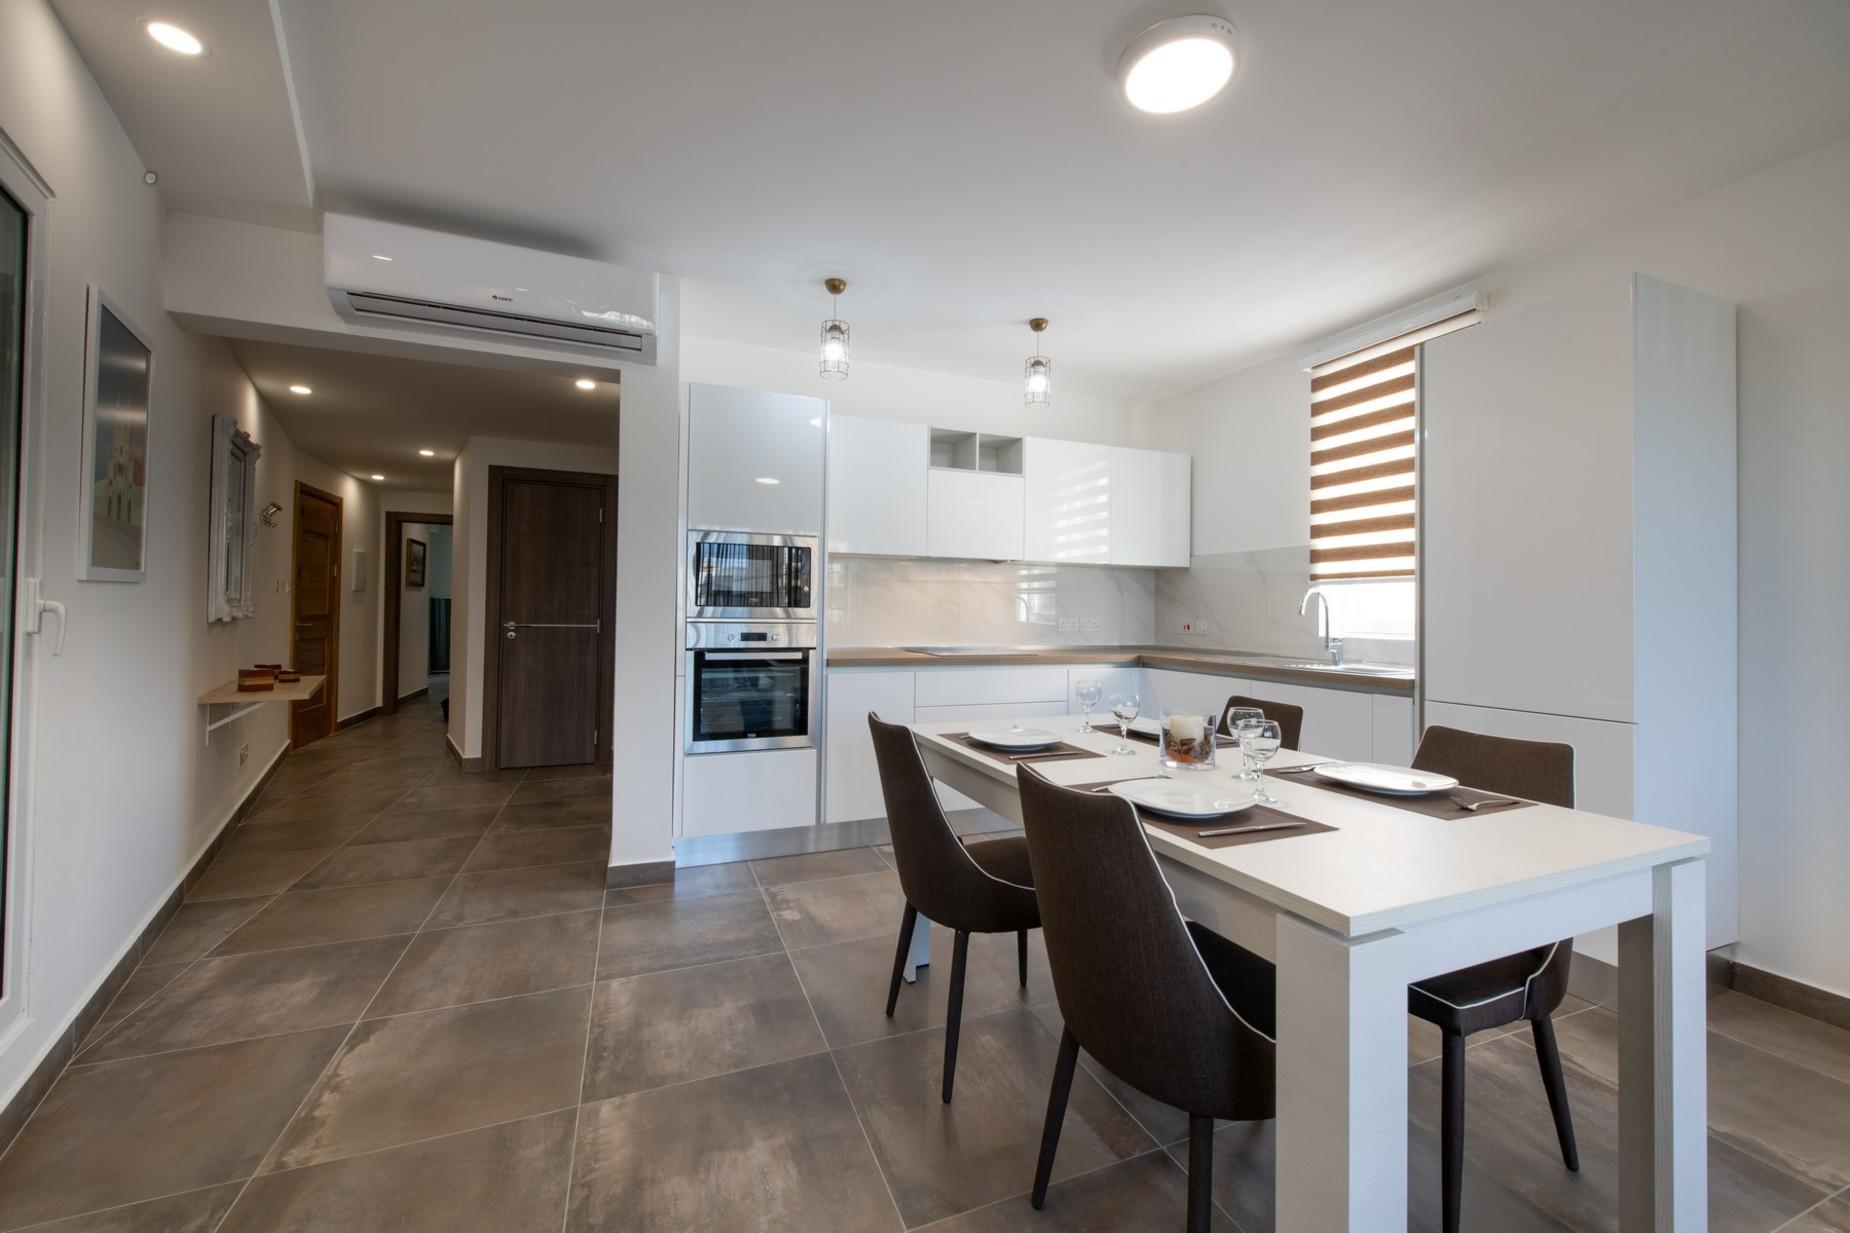 2 bed Apartment For Rent in Ta' Xbiex, Ta' Xbiex - thumb 3